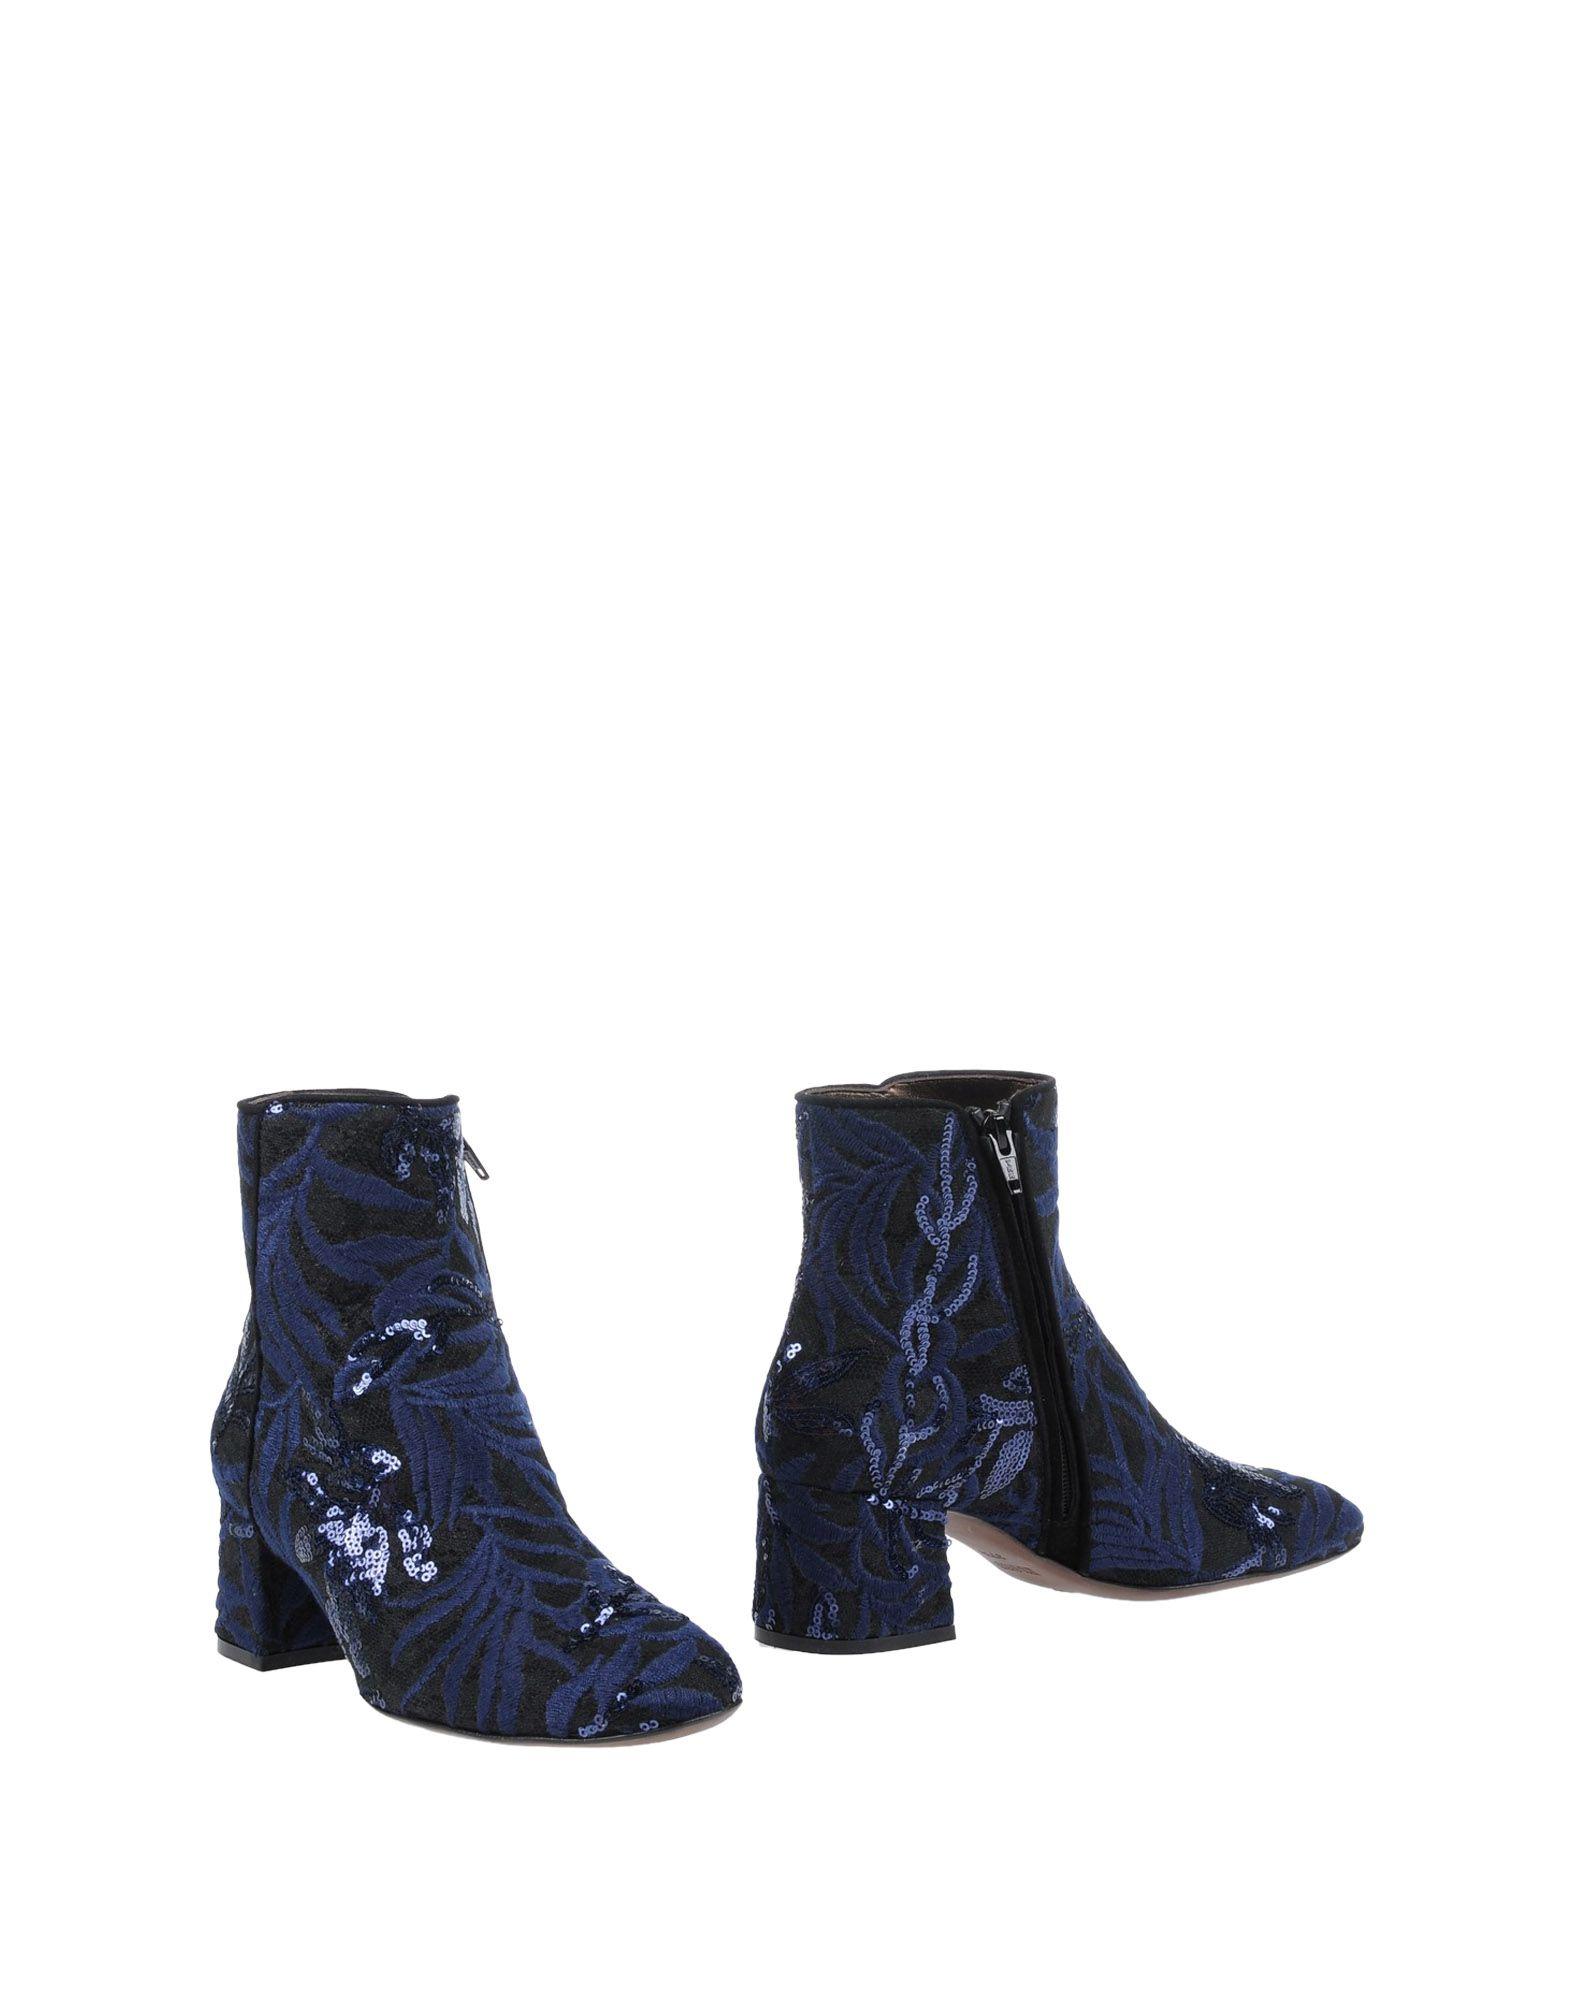 Rabatt Schuhe Agl Damen Attilio Giusti Leombruni Stiefelette Damen Agl  11453737MD c2abcd